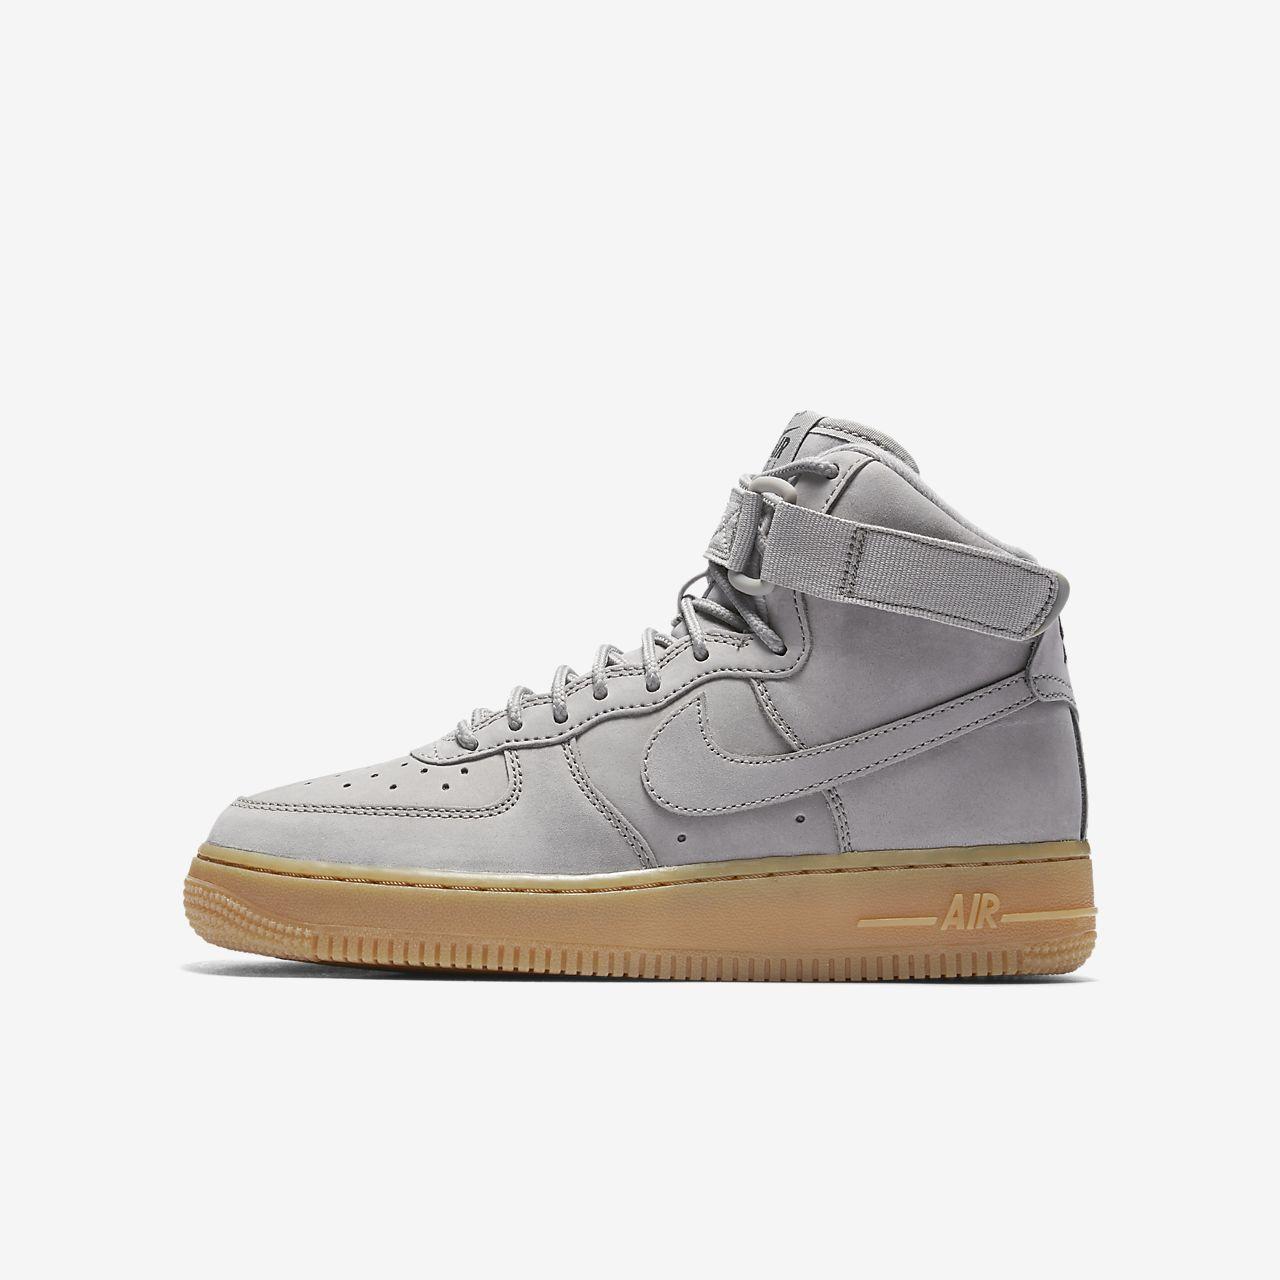 Pieds 1 Enfant Nike Pour ÂgéAux Plus High Wb Air Force Chaussure 5lc3u1JTFK